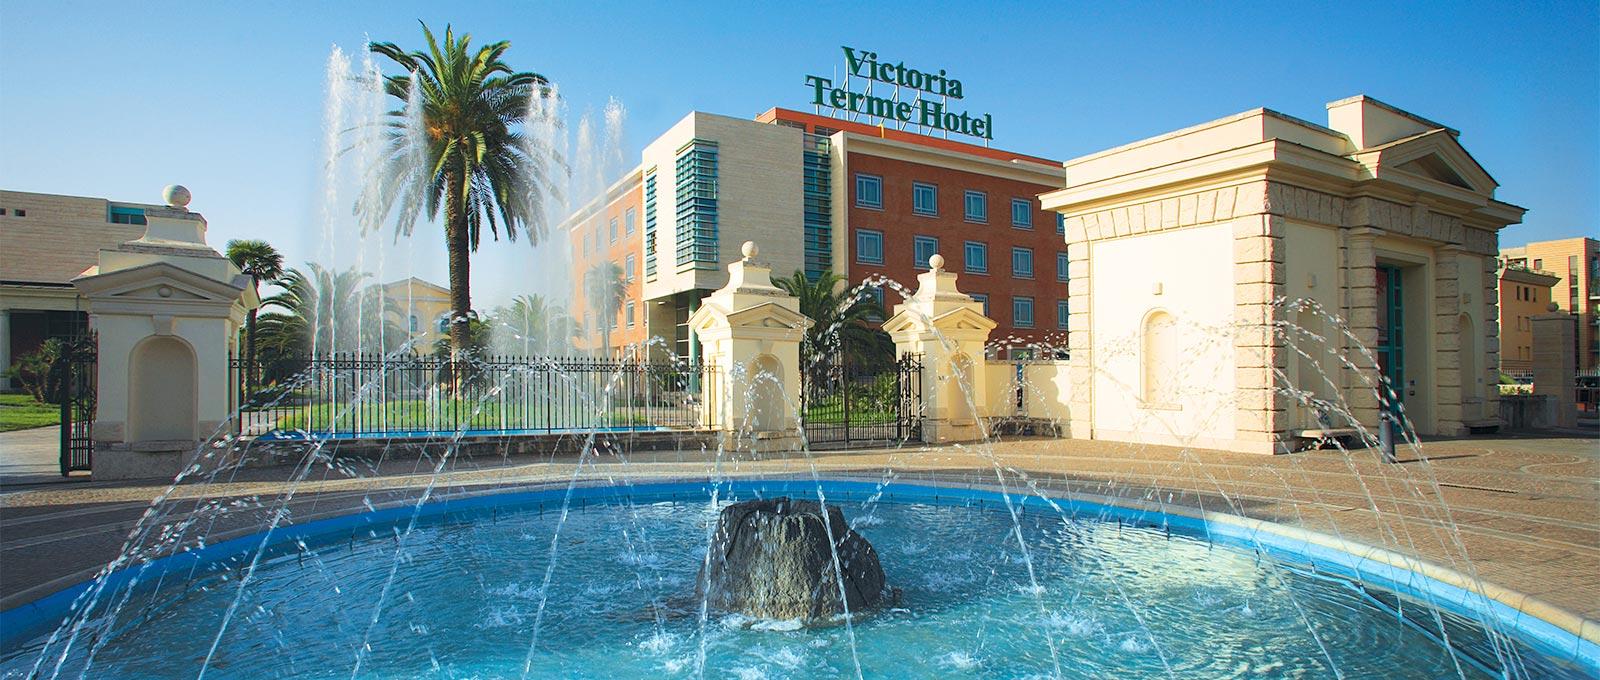 Offerte pacchetti terapie e cure termali victoria terme hotel tivoli roma - Terme bagni di tivoli orari e prezzi ...